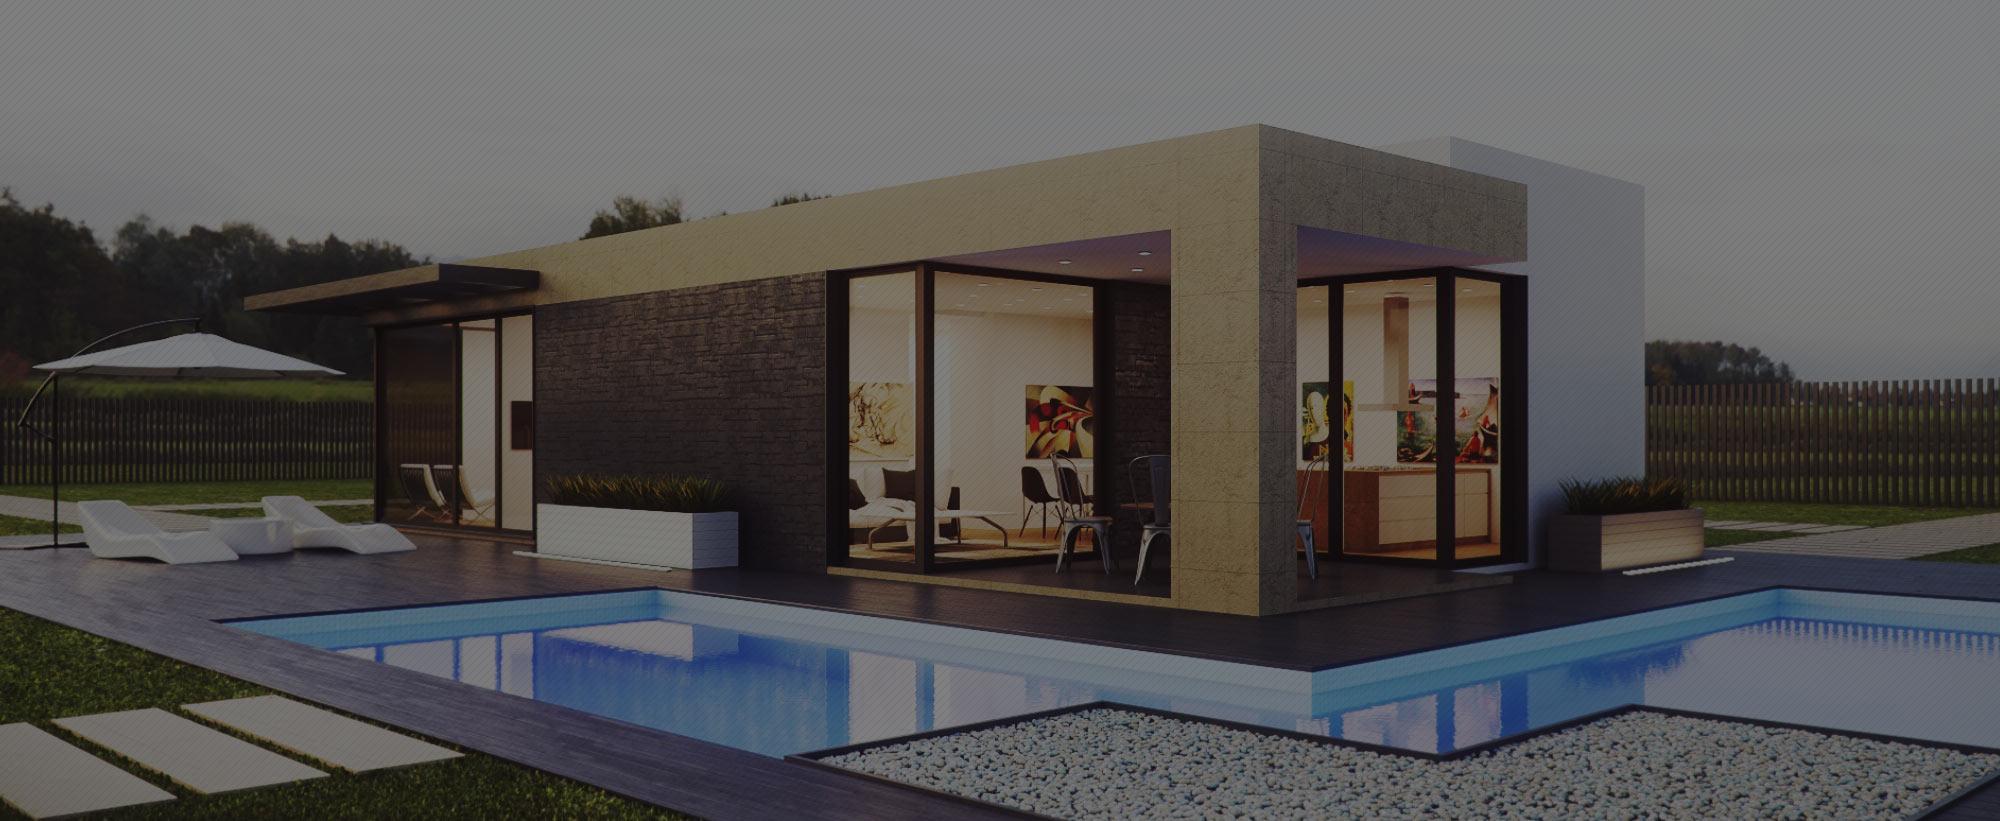 Realizamos reformas de viviendas, villas, chalets, apartamentos, comunidades, trabajos de albañilería, reformamos toda clase de viviendas general